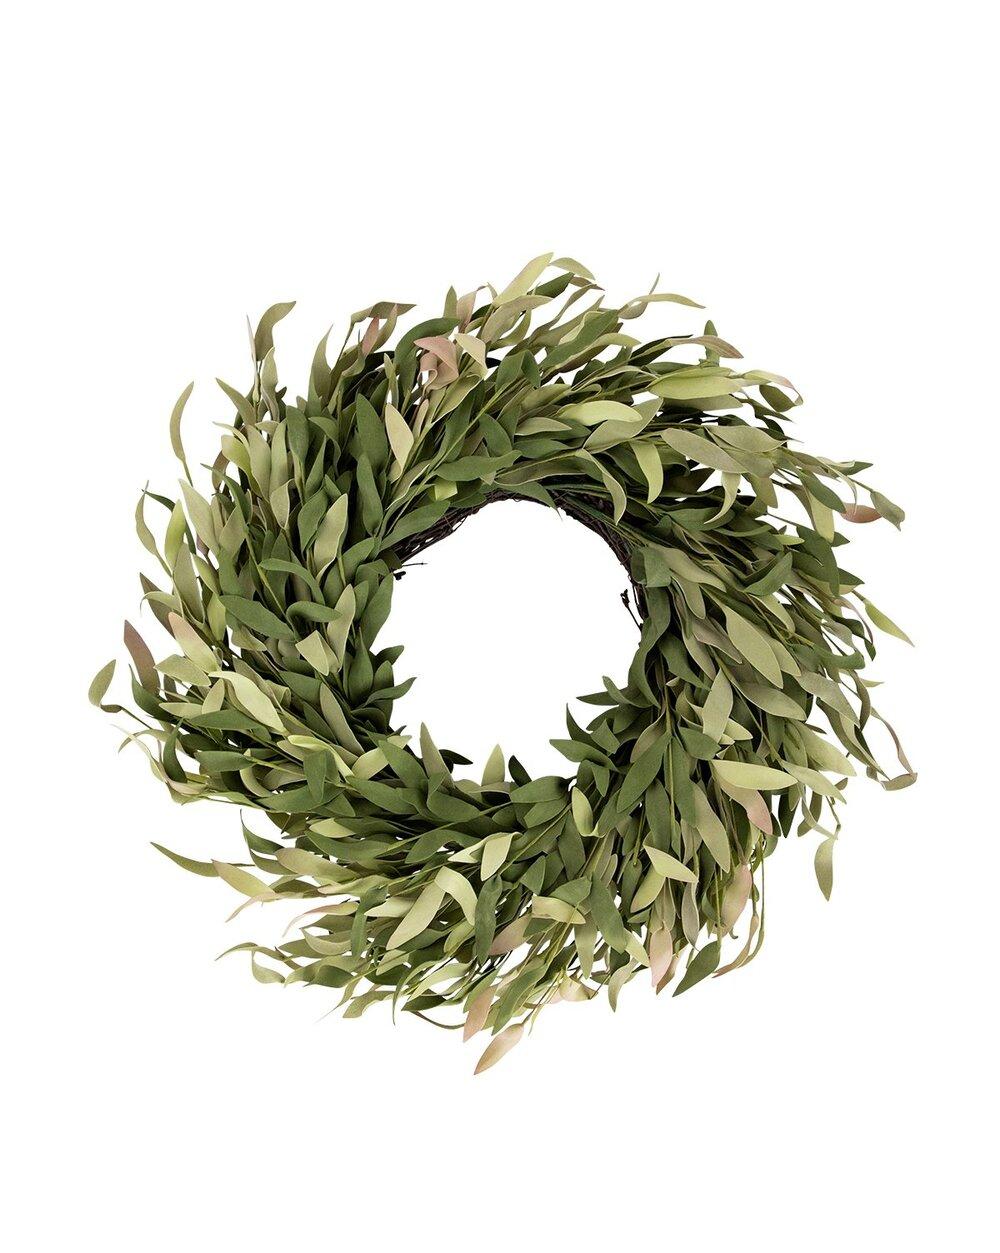 Faux_Twisted_Myrtle_Wreath01.jpg